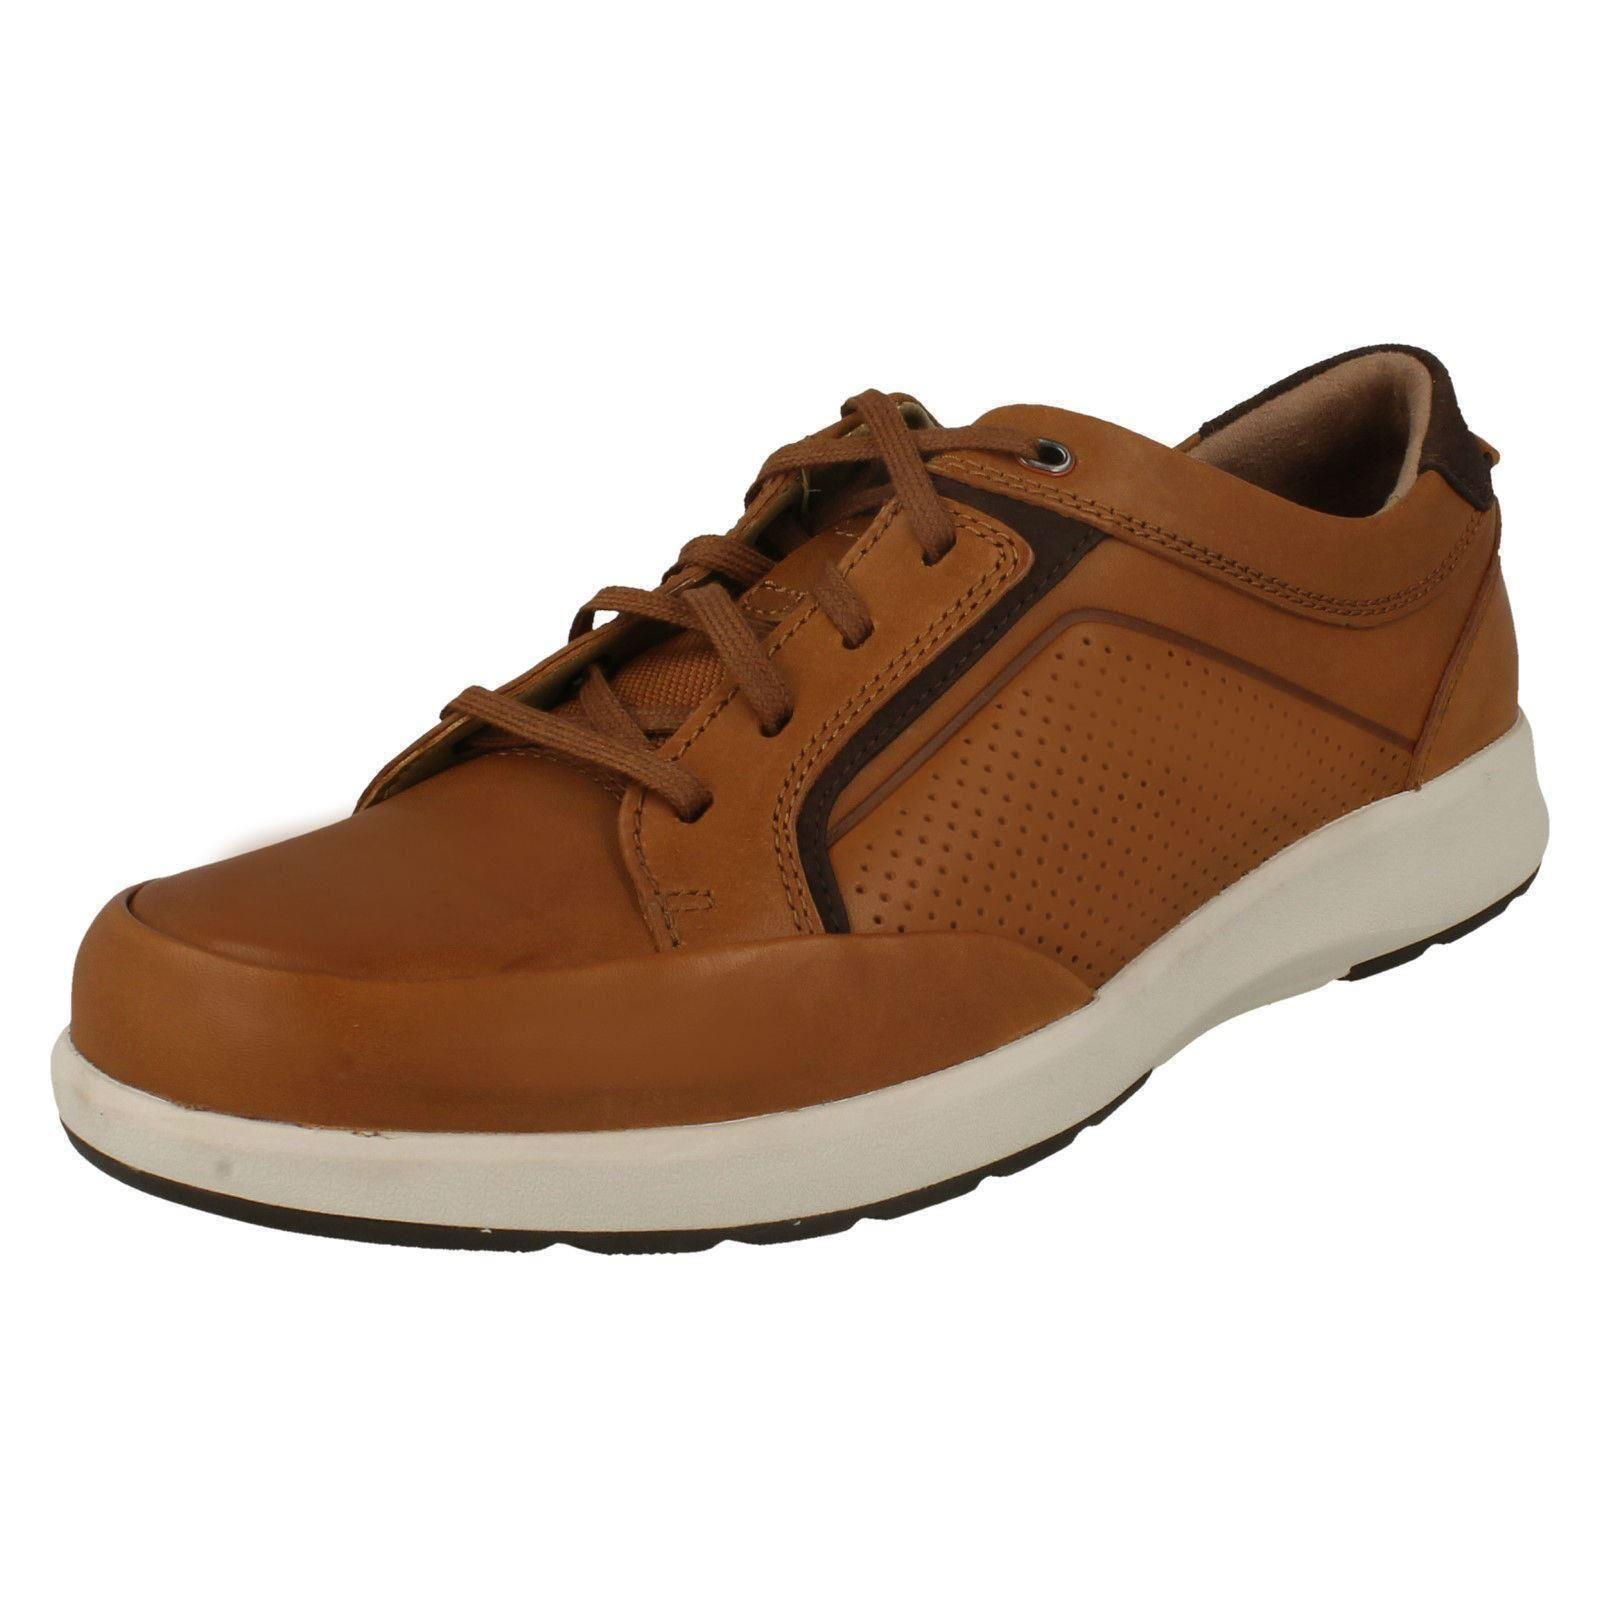 cordones Trail para hombre casual con Un marrón Form Calzado Tan OxYpZEwY